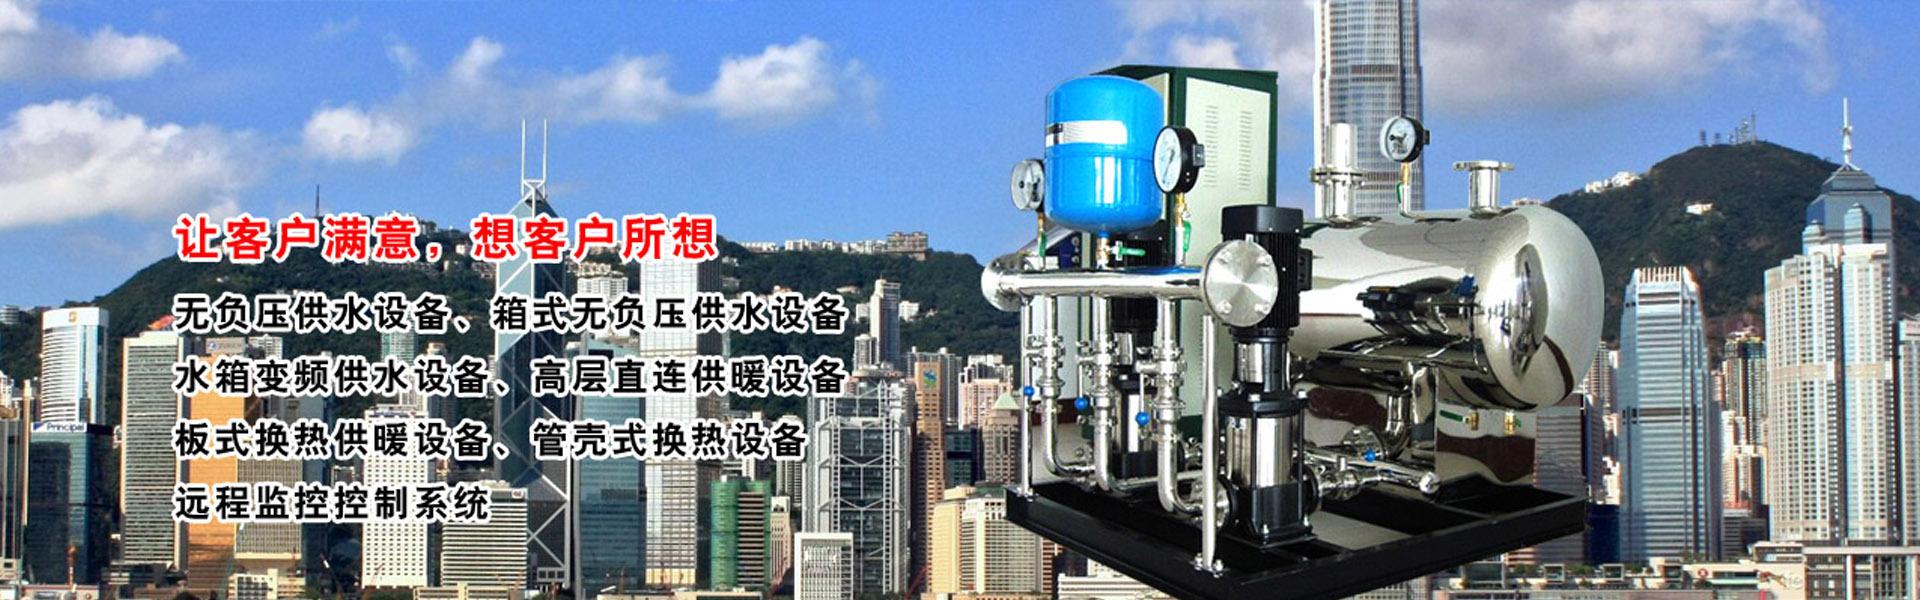 甘肃昊源流体节能设备有限公司,兰州换热器,兰州供水设备,兰州燃气锅炉,兰州不锈钢水箱,兰州换热机组,